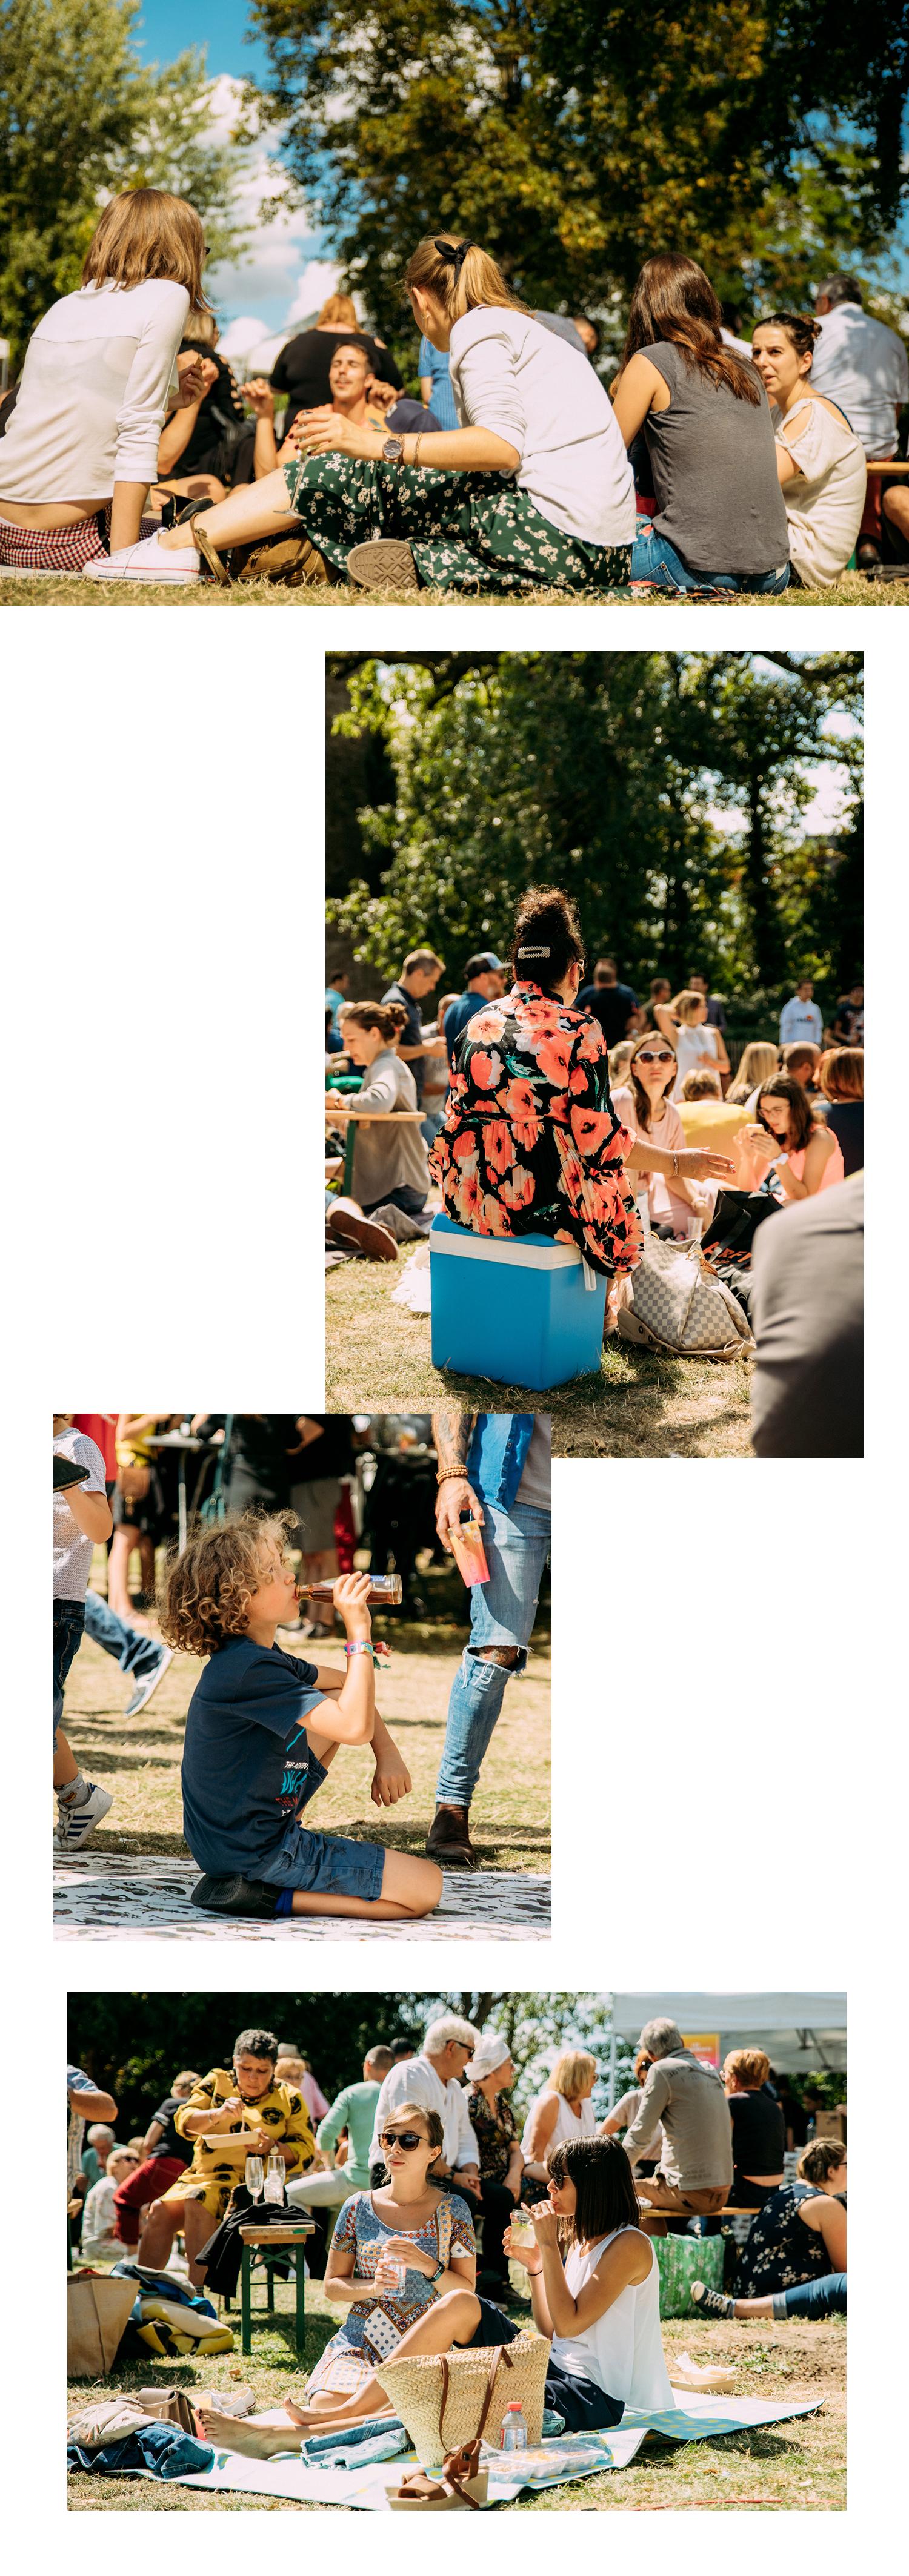 Dimanche Toqué 18/19 – Fondation Mons 2025